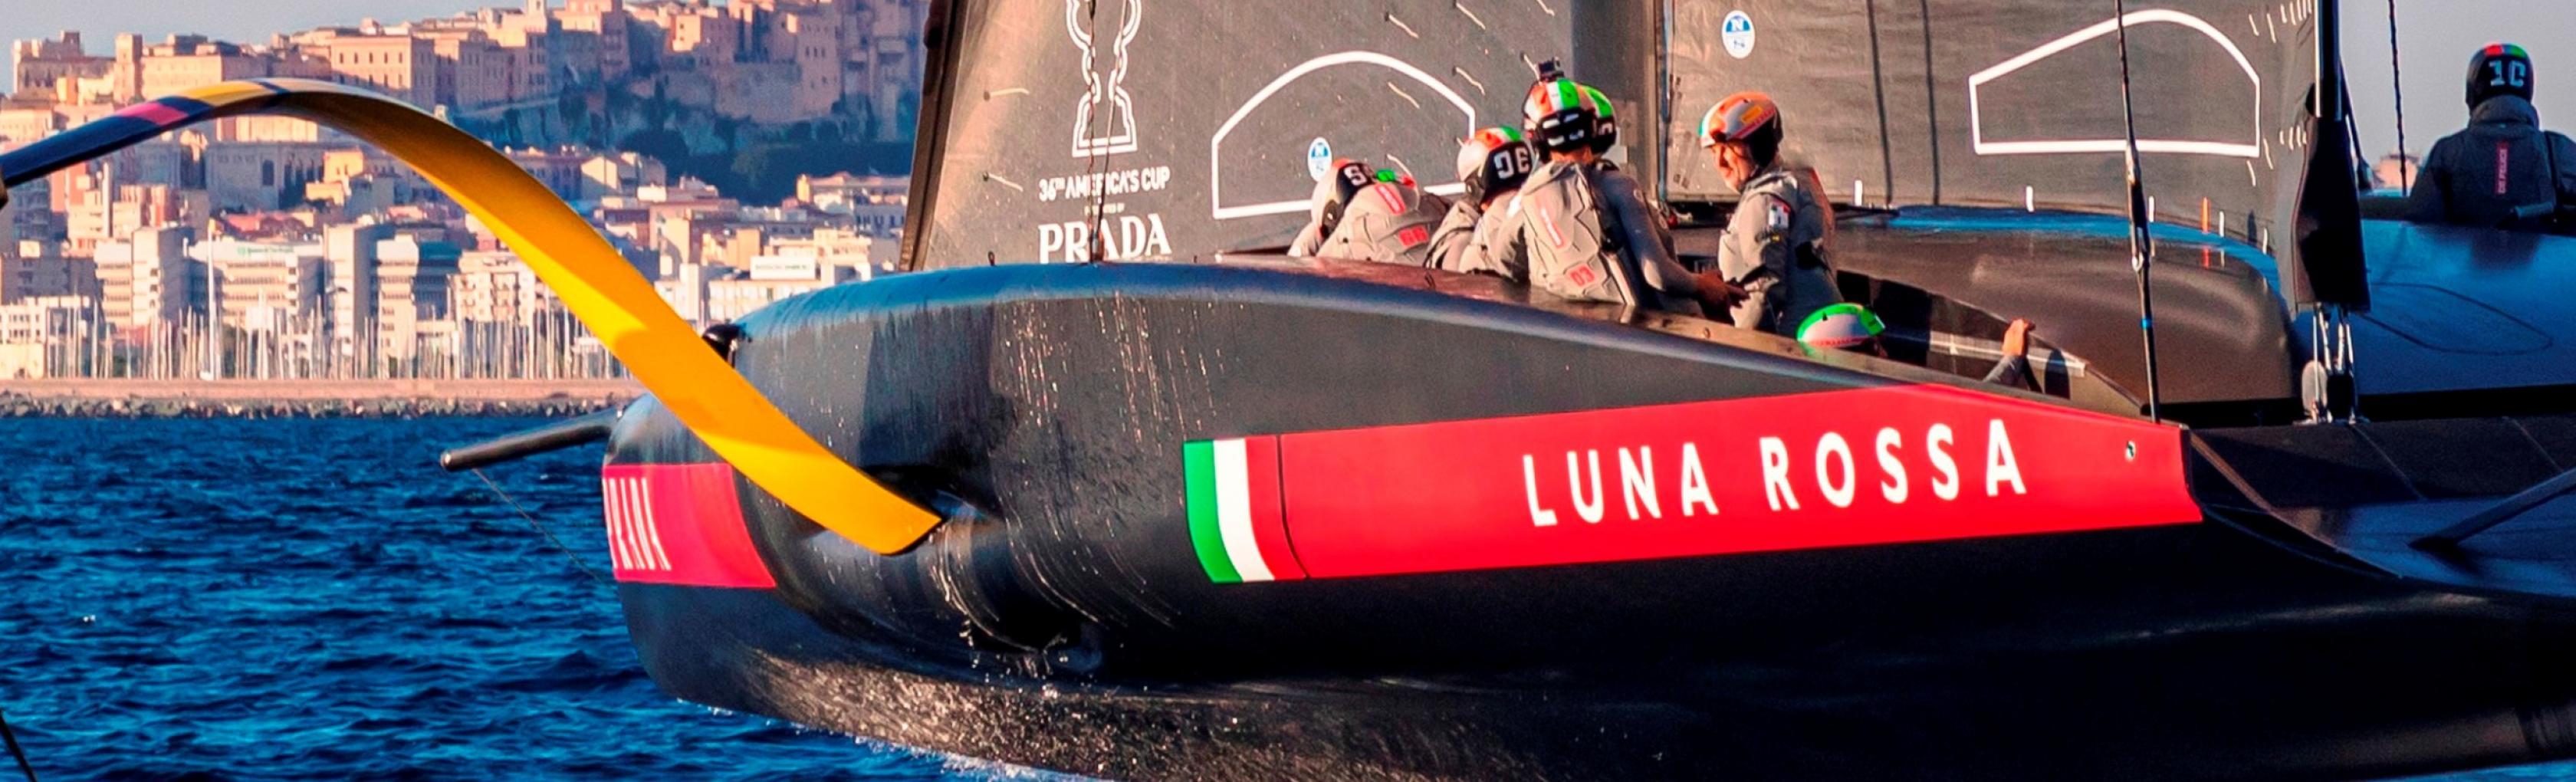 Luna Rossa AC75 nel golfo degli Angeli con Cagliari sullo sfondo